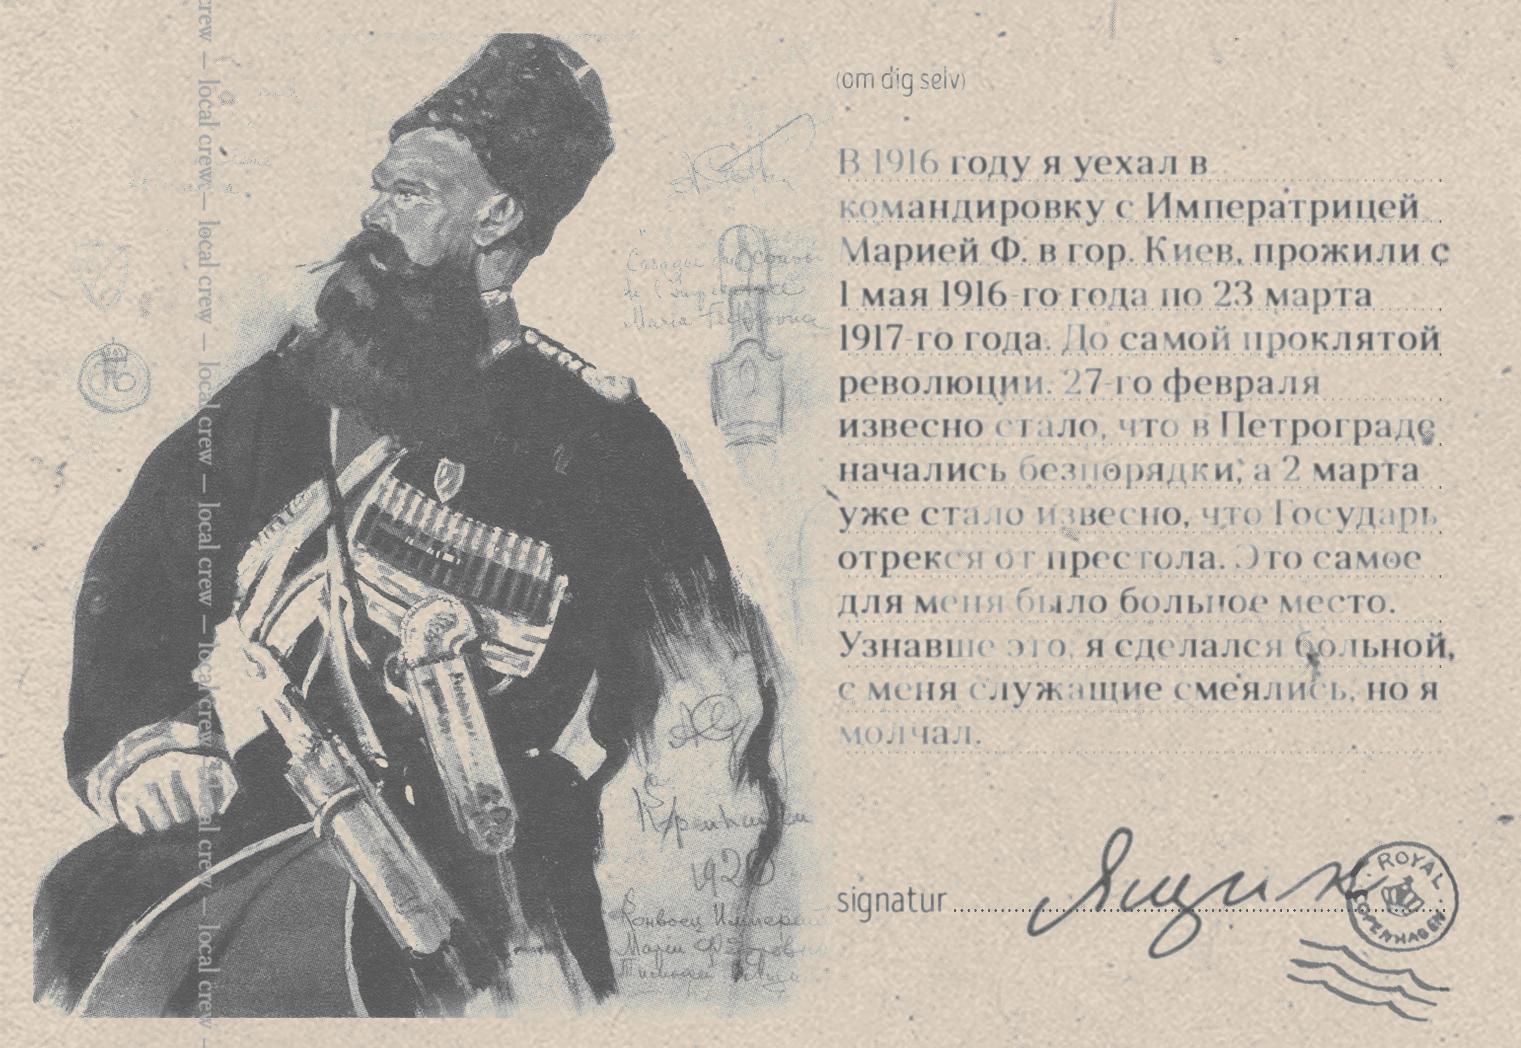 Тимофей Ящик: судьба телохранителя императрицы Марии Федоровны